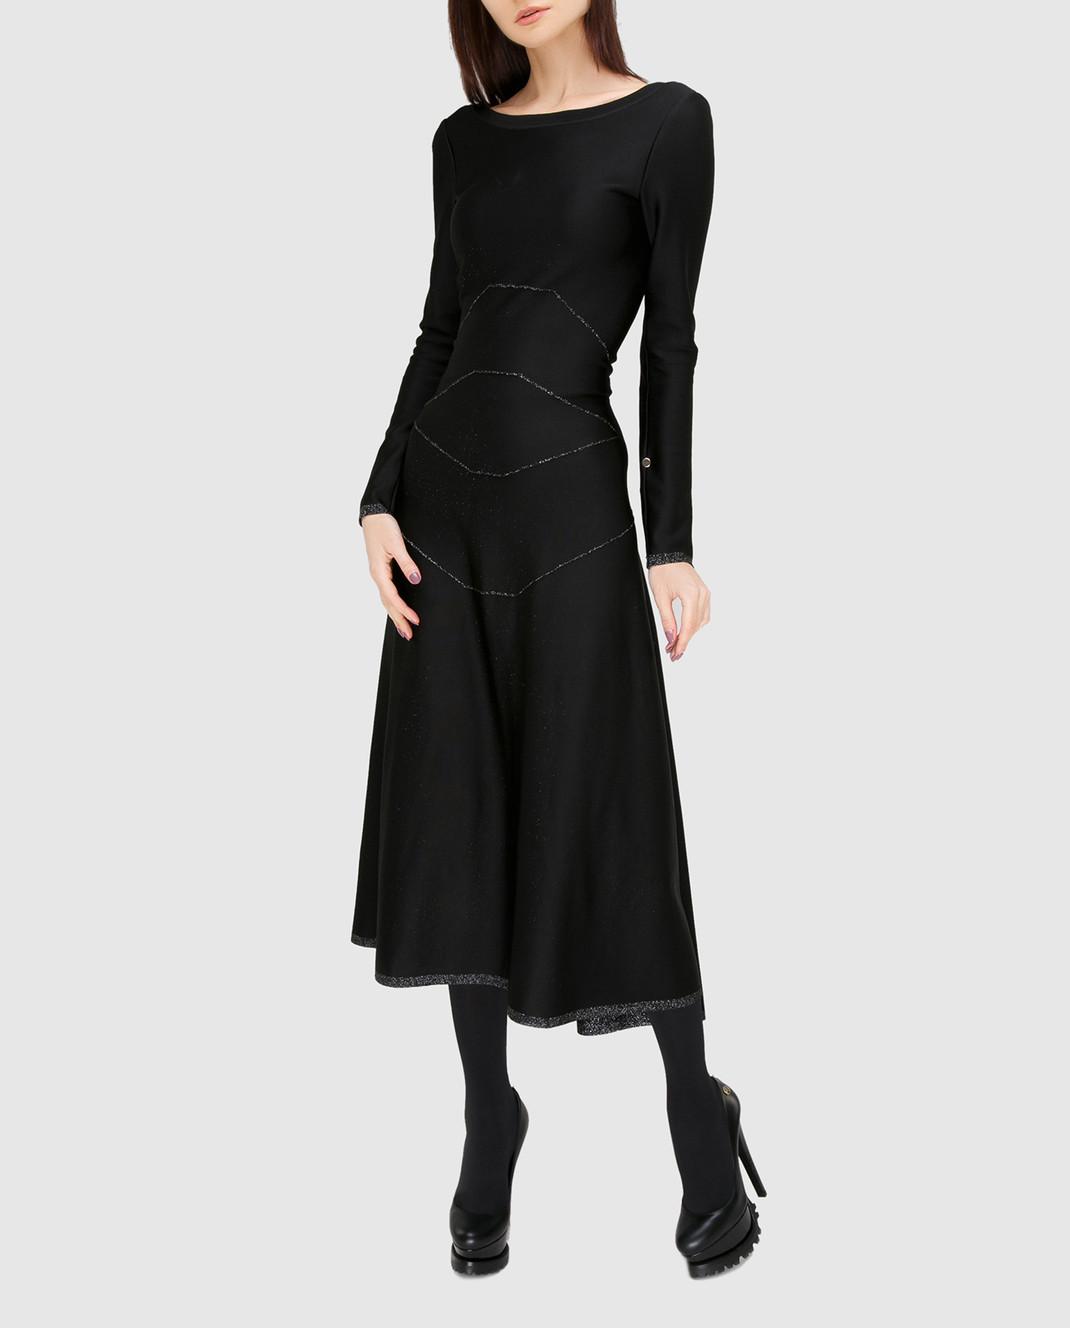 Azzedine Alaia Черное платье с V-образным вырезом на спине 6H9RG99LM288 изображение 2